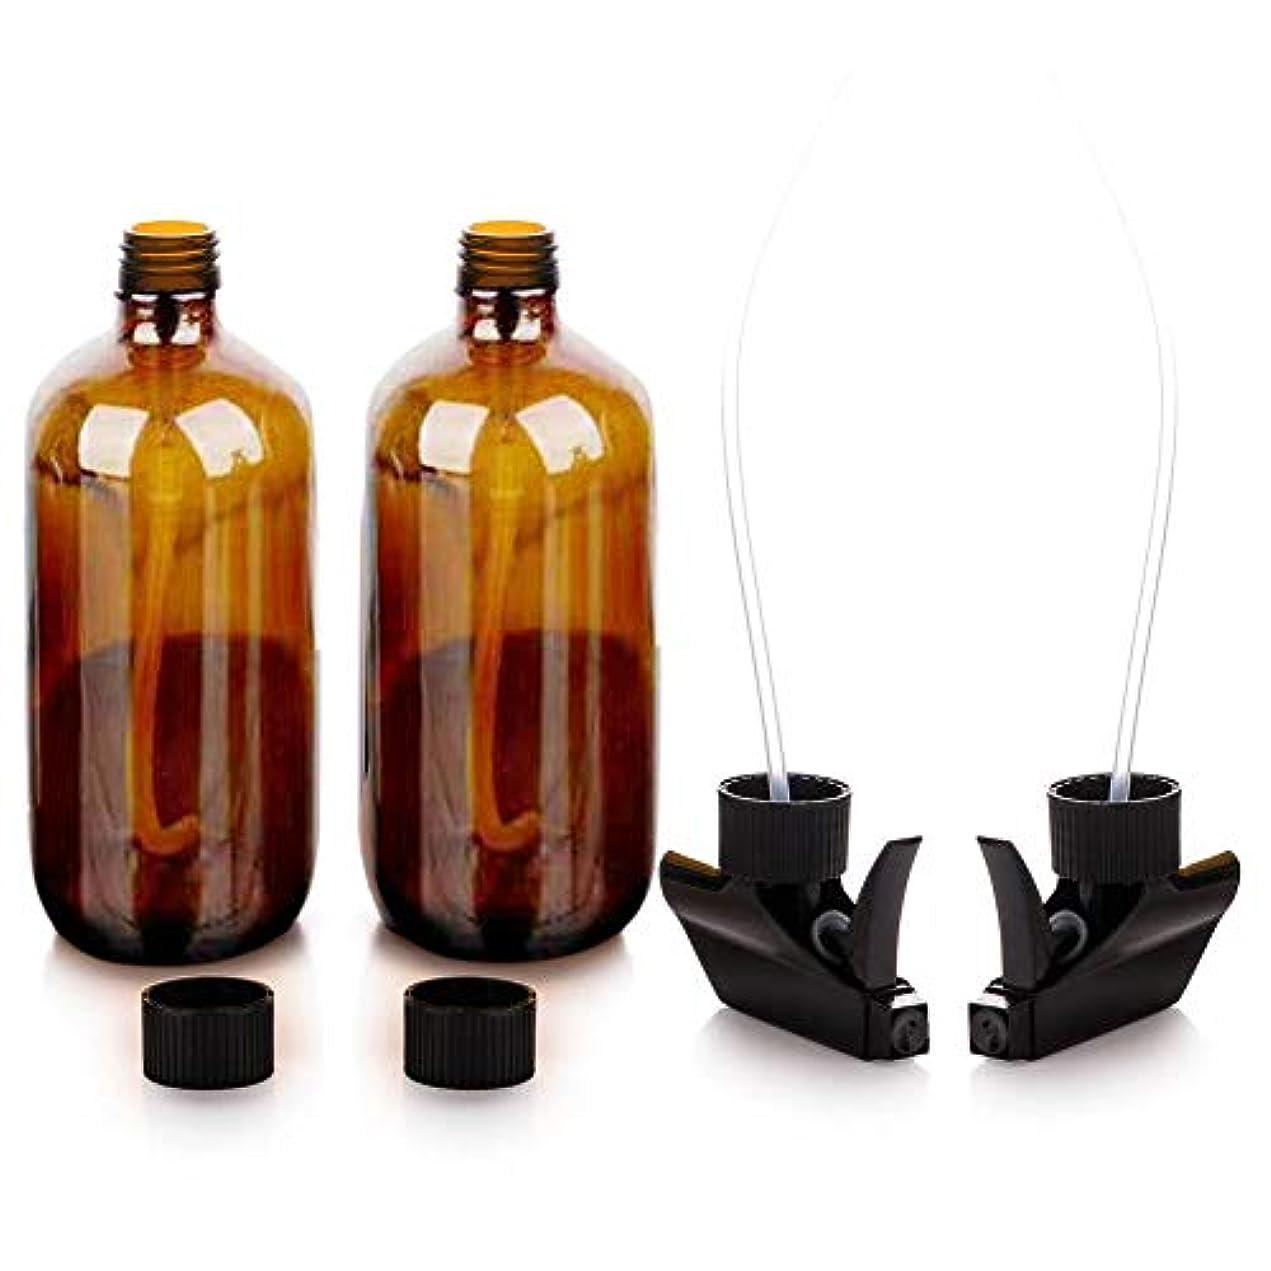 花火年金コンペスプレーボトル 遮光瓶 ガラス 微細 ミスト噴霧器 サロン理髪スプレー 植栽ツール 2ボトルキャップ付き 茶色